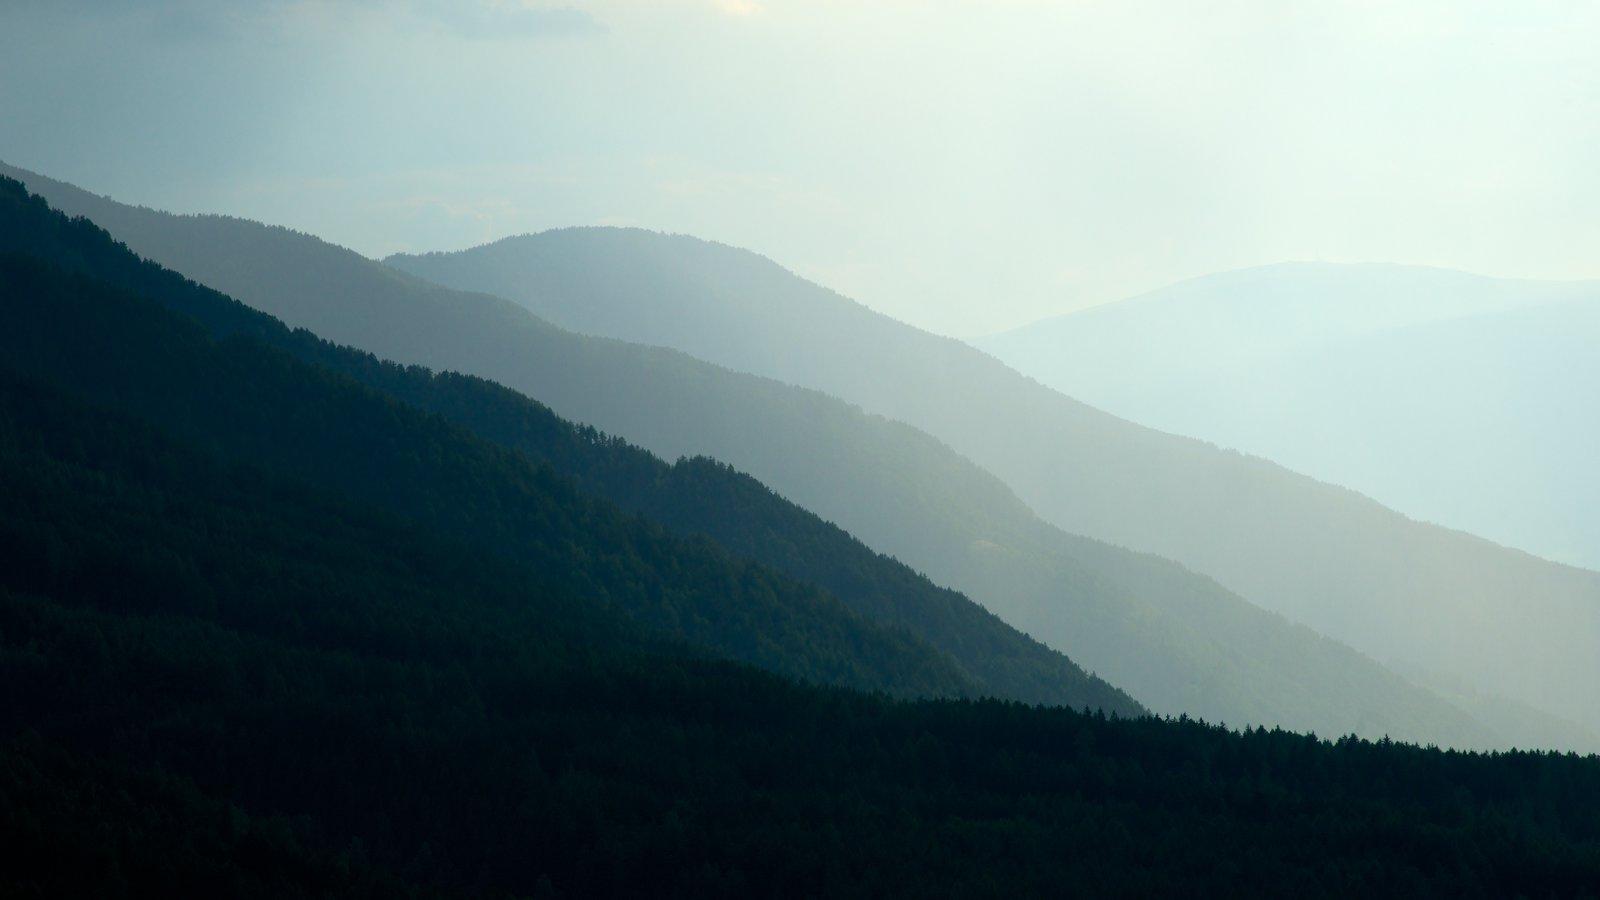 Funes mostrando escenas tranquilas, montañas y vistas de paisajes